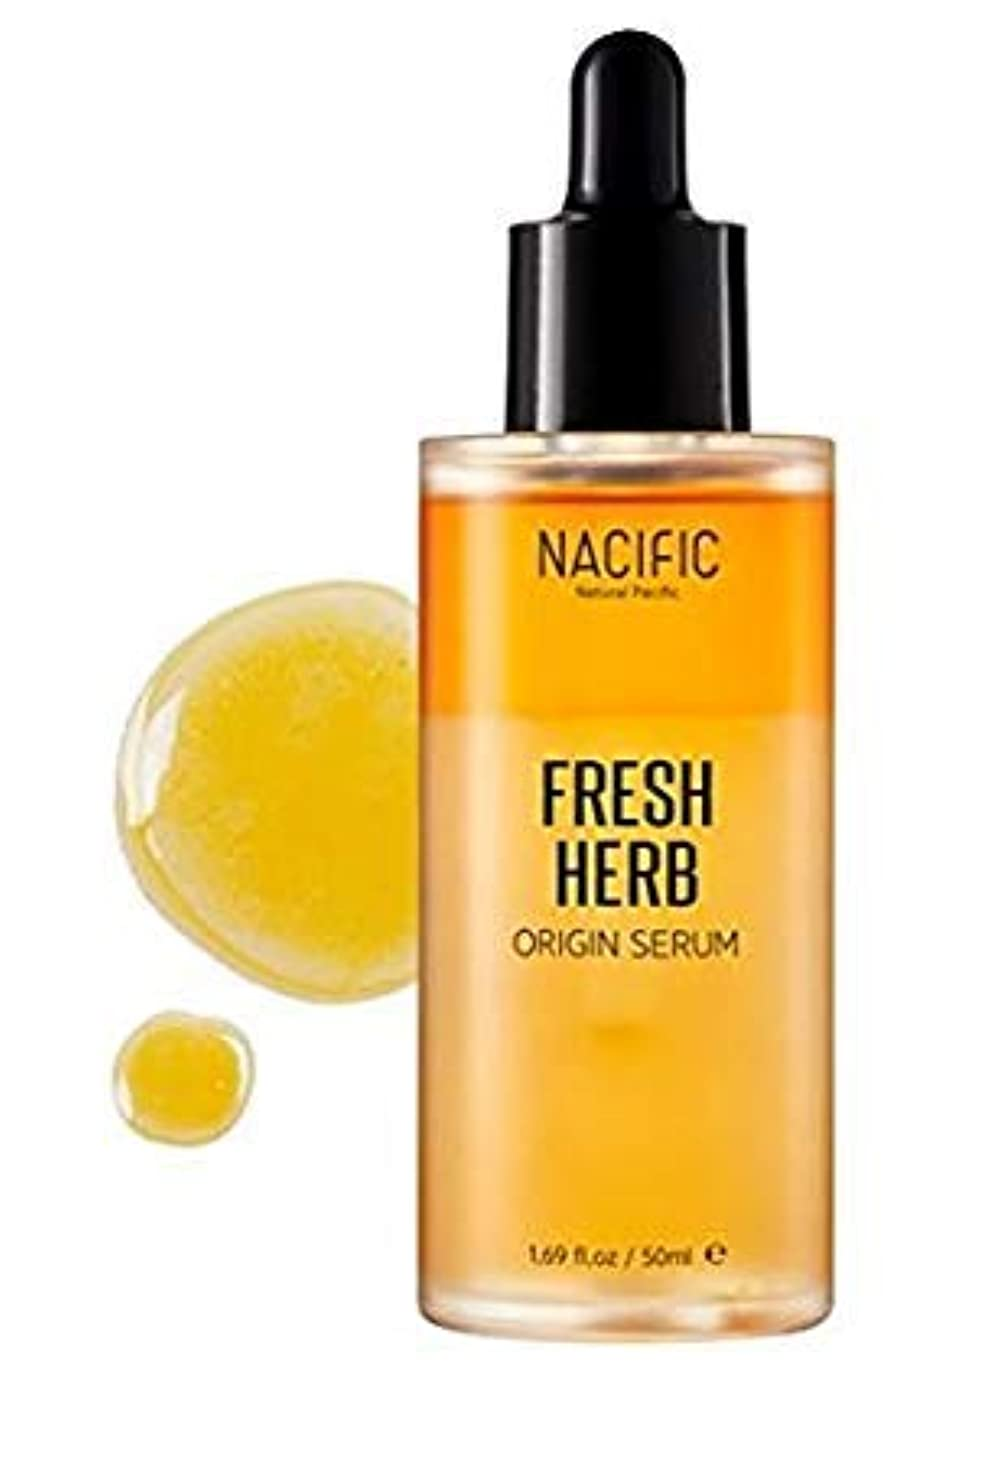 感情管理者覗く[NACIFIC]Fresh Herb Origin Serum 50ml/ナチュラルパシフィック フレッシュ ハーブ オリジン セラム 50ml [並行輸入品]